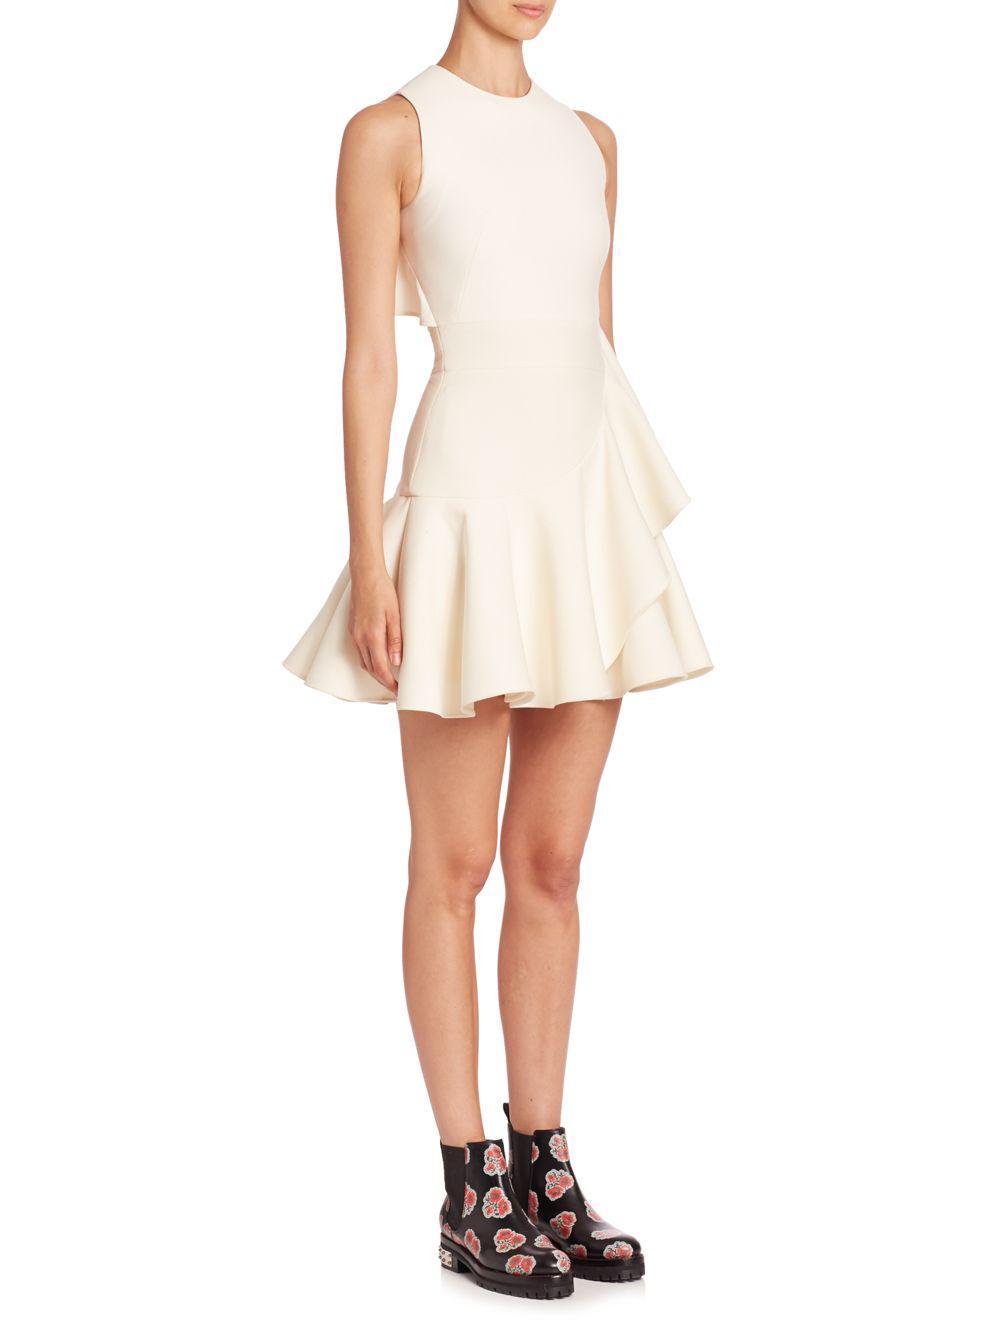 9370c028416ce Lyst - Alexander McQueen Scuba Asymmetrical Ruffle Dress in White